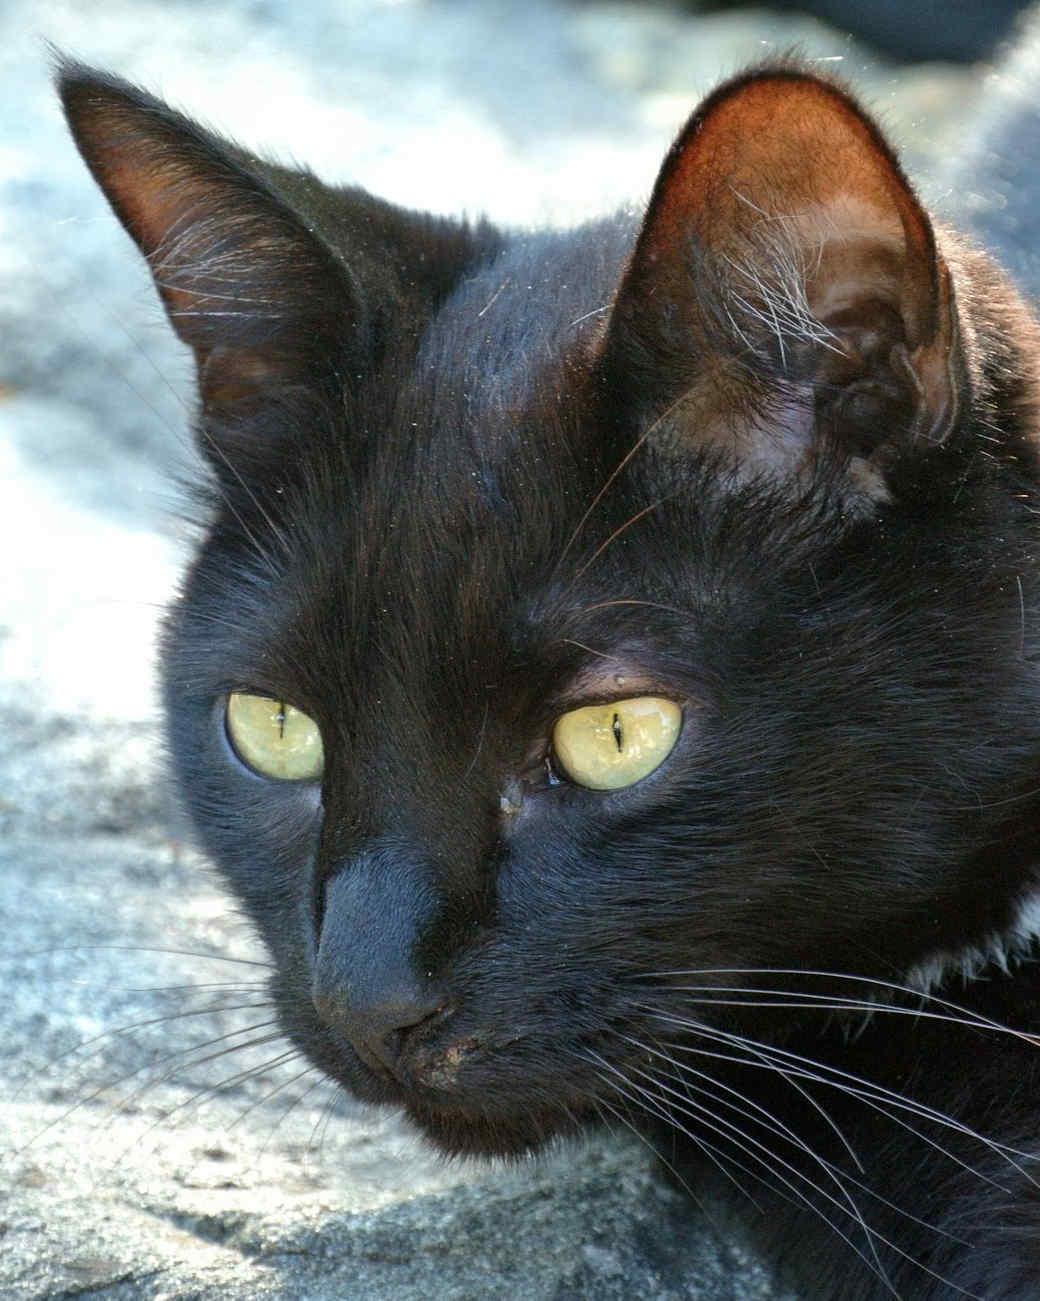 marthas-cats-30.jpg